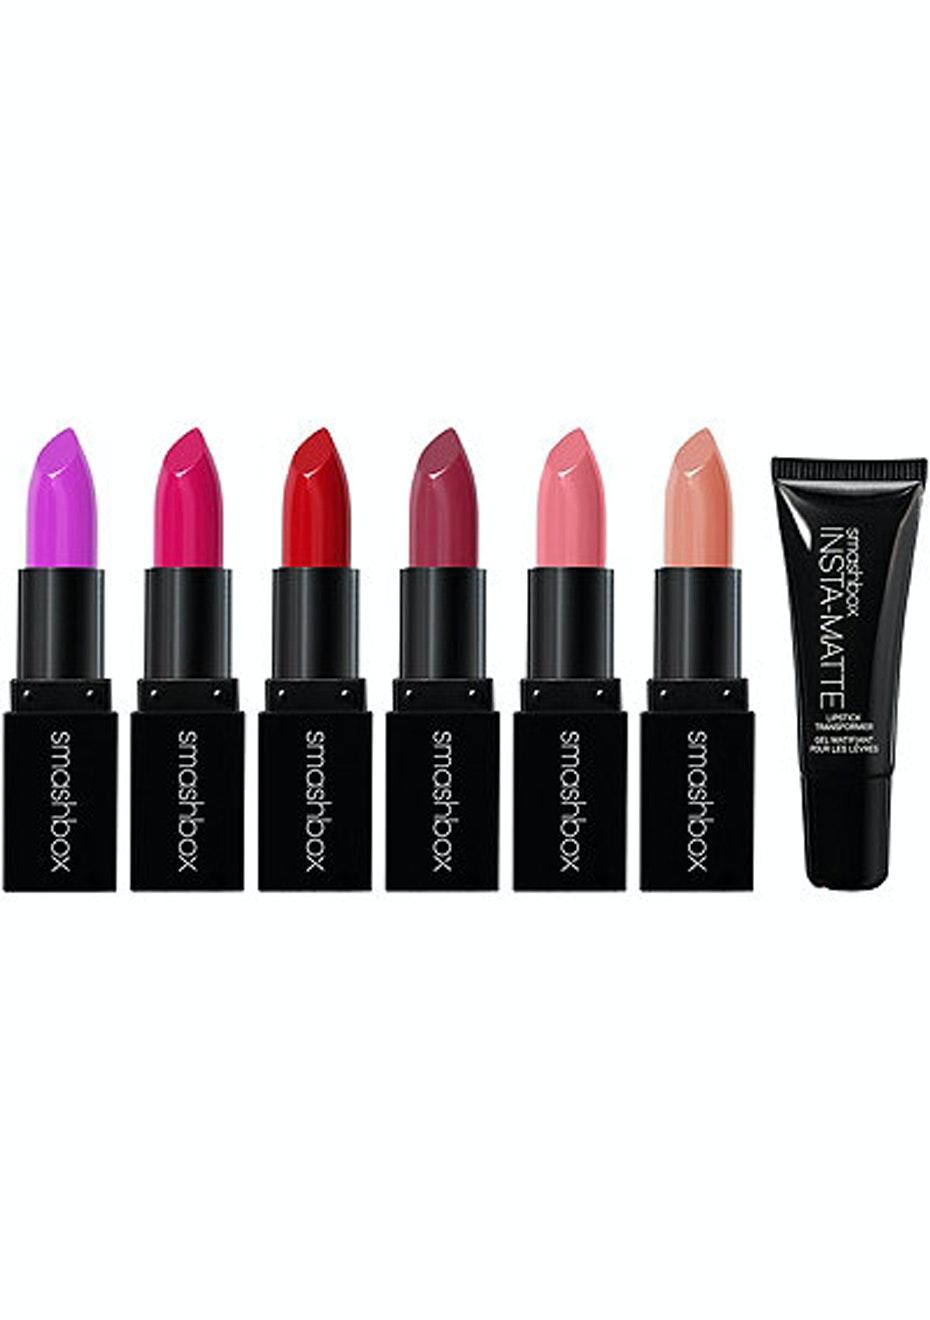 Smashbox - Light It Up Lipstick and Lip Mattifier Set